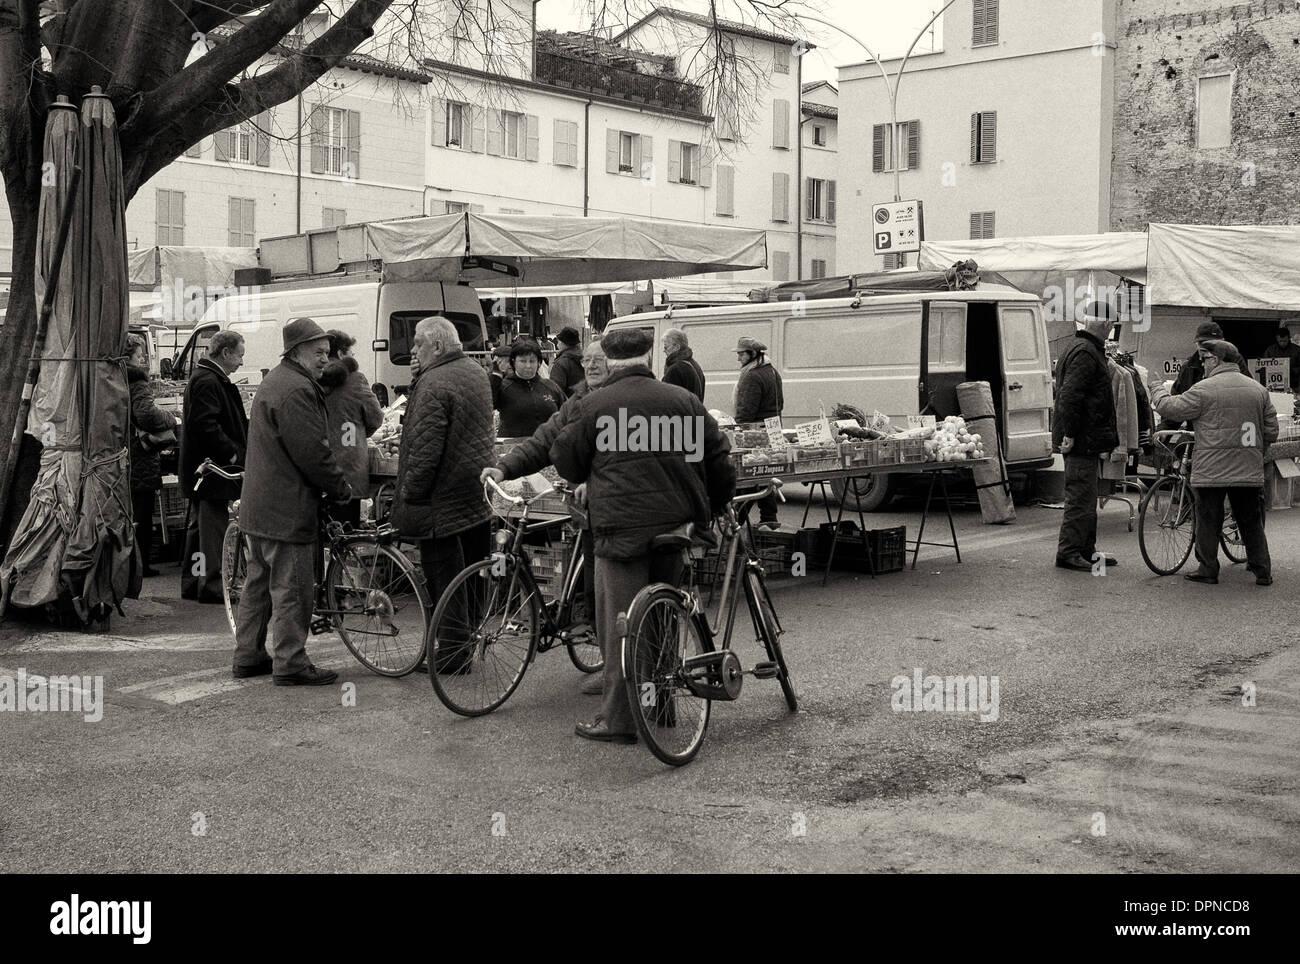 Piazza Martiri della Liberta, Faenza, Emilia Romagna - Stock Image